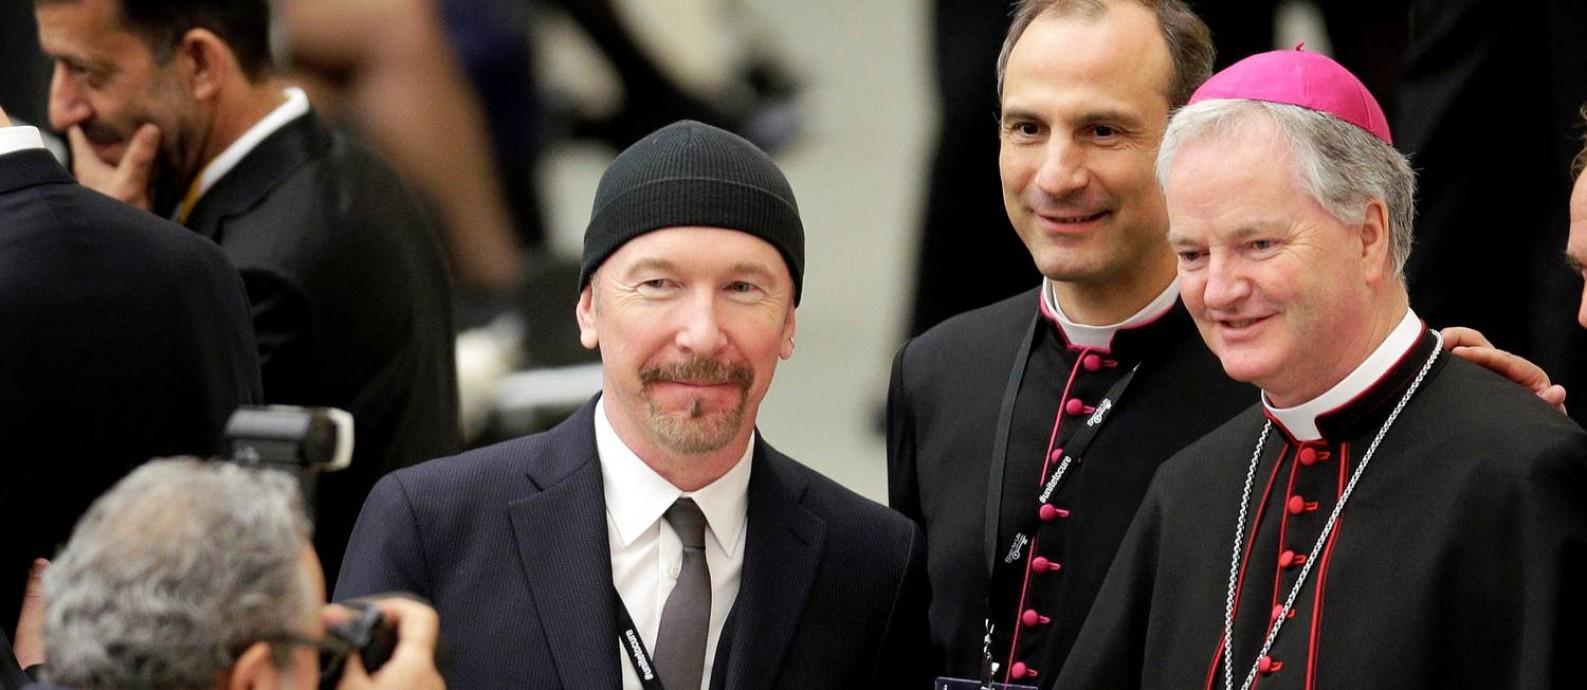 455f157bc The Edge, guitarrista do U2, ao lado do bispo irlandês Paul Tighe, no